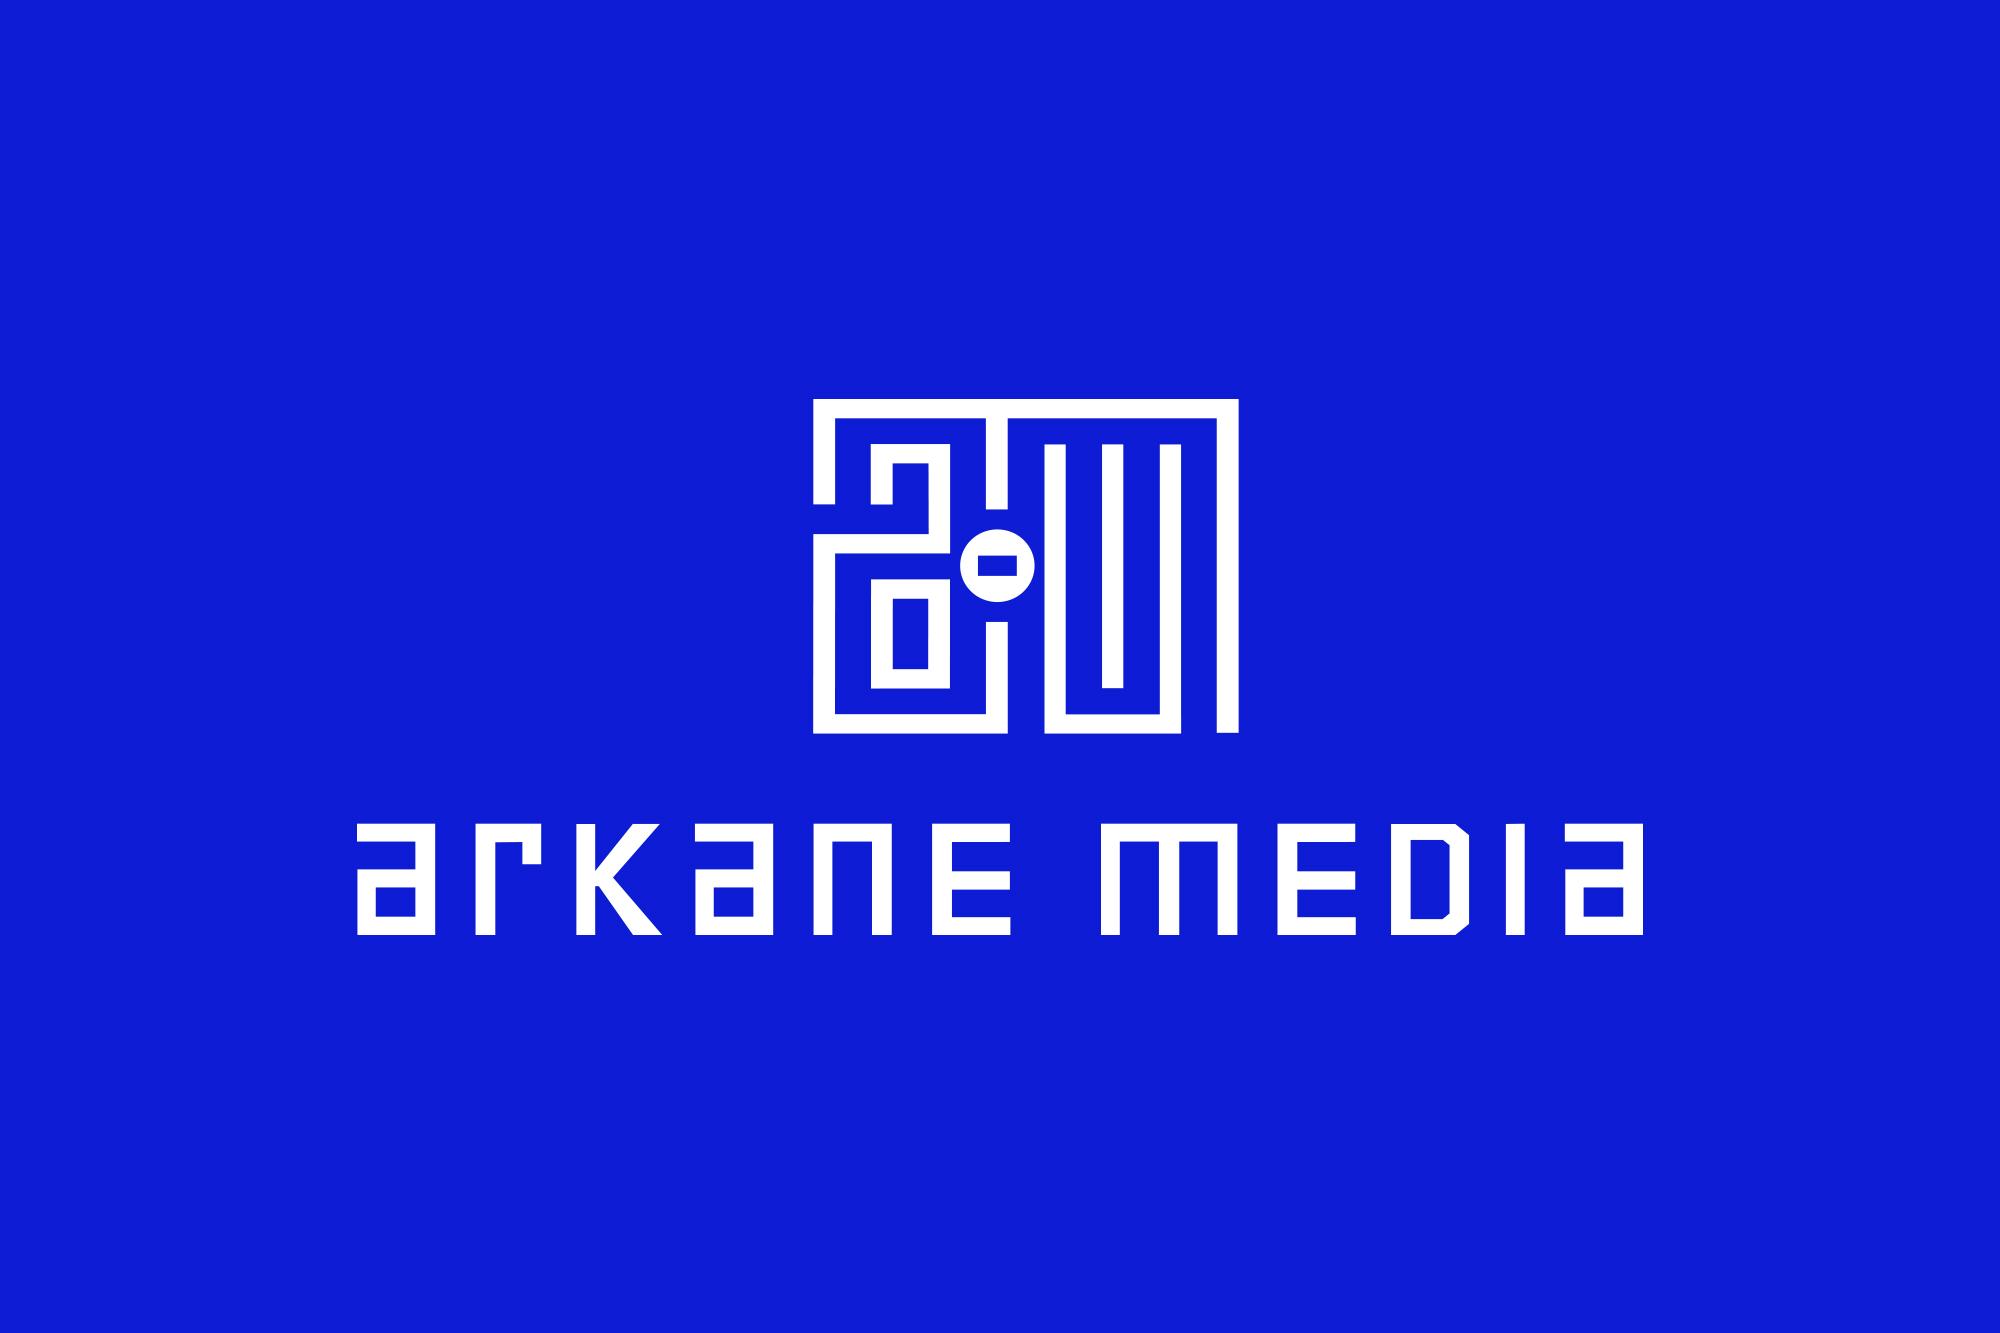 refonte identité graphique arkane media